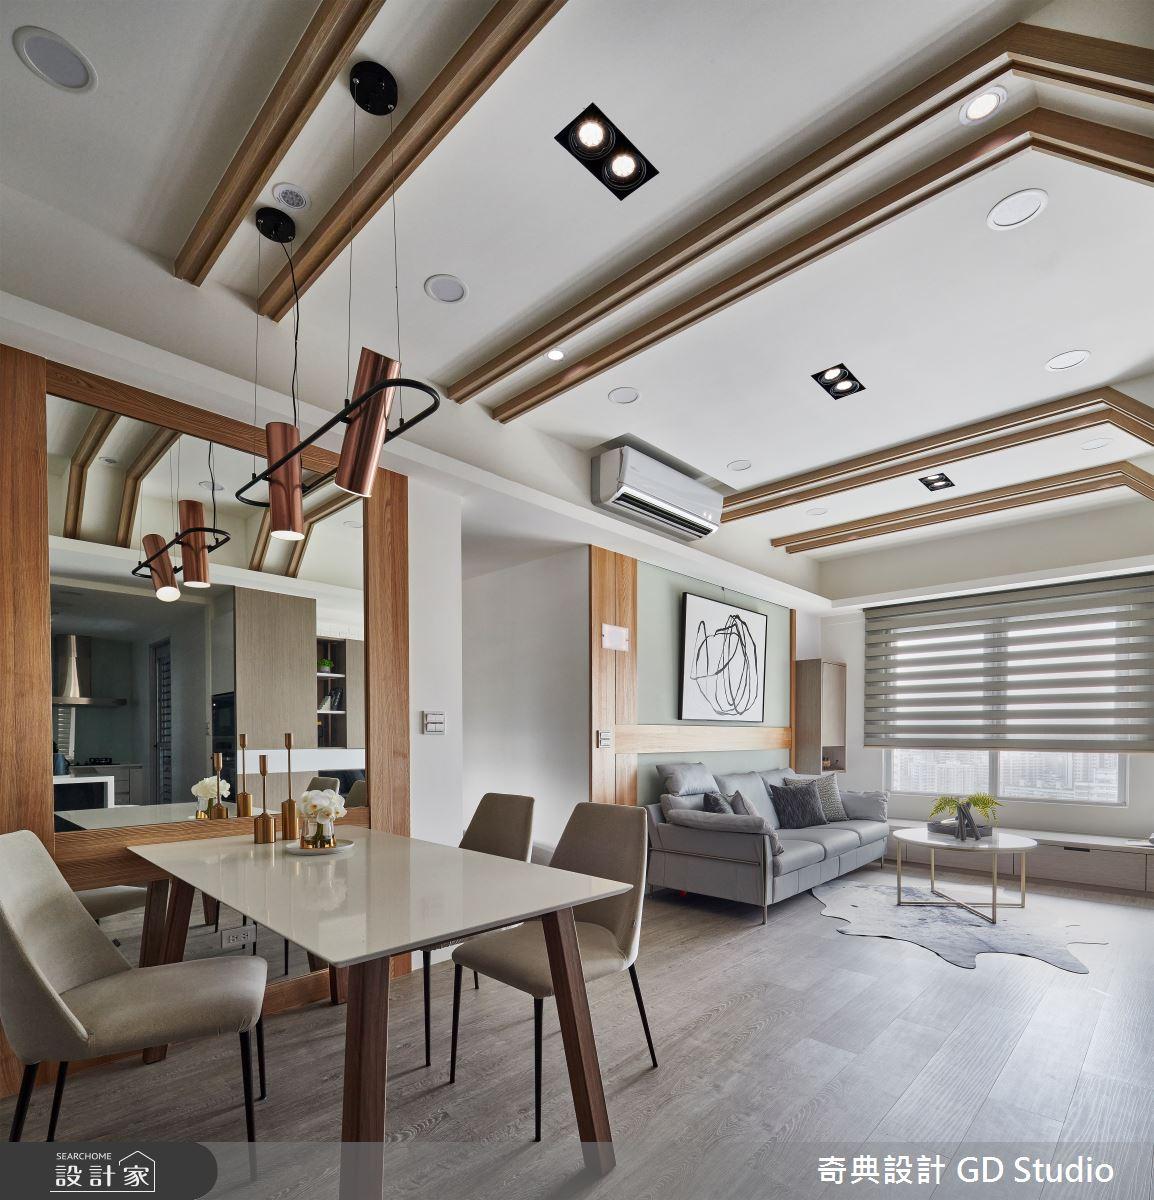 30坪預售屋_現代風客廳餐廳案例圖片_奇典設計_奇典_16之7